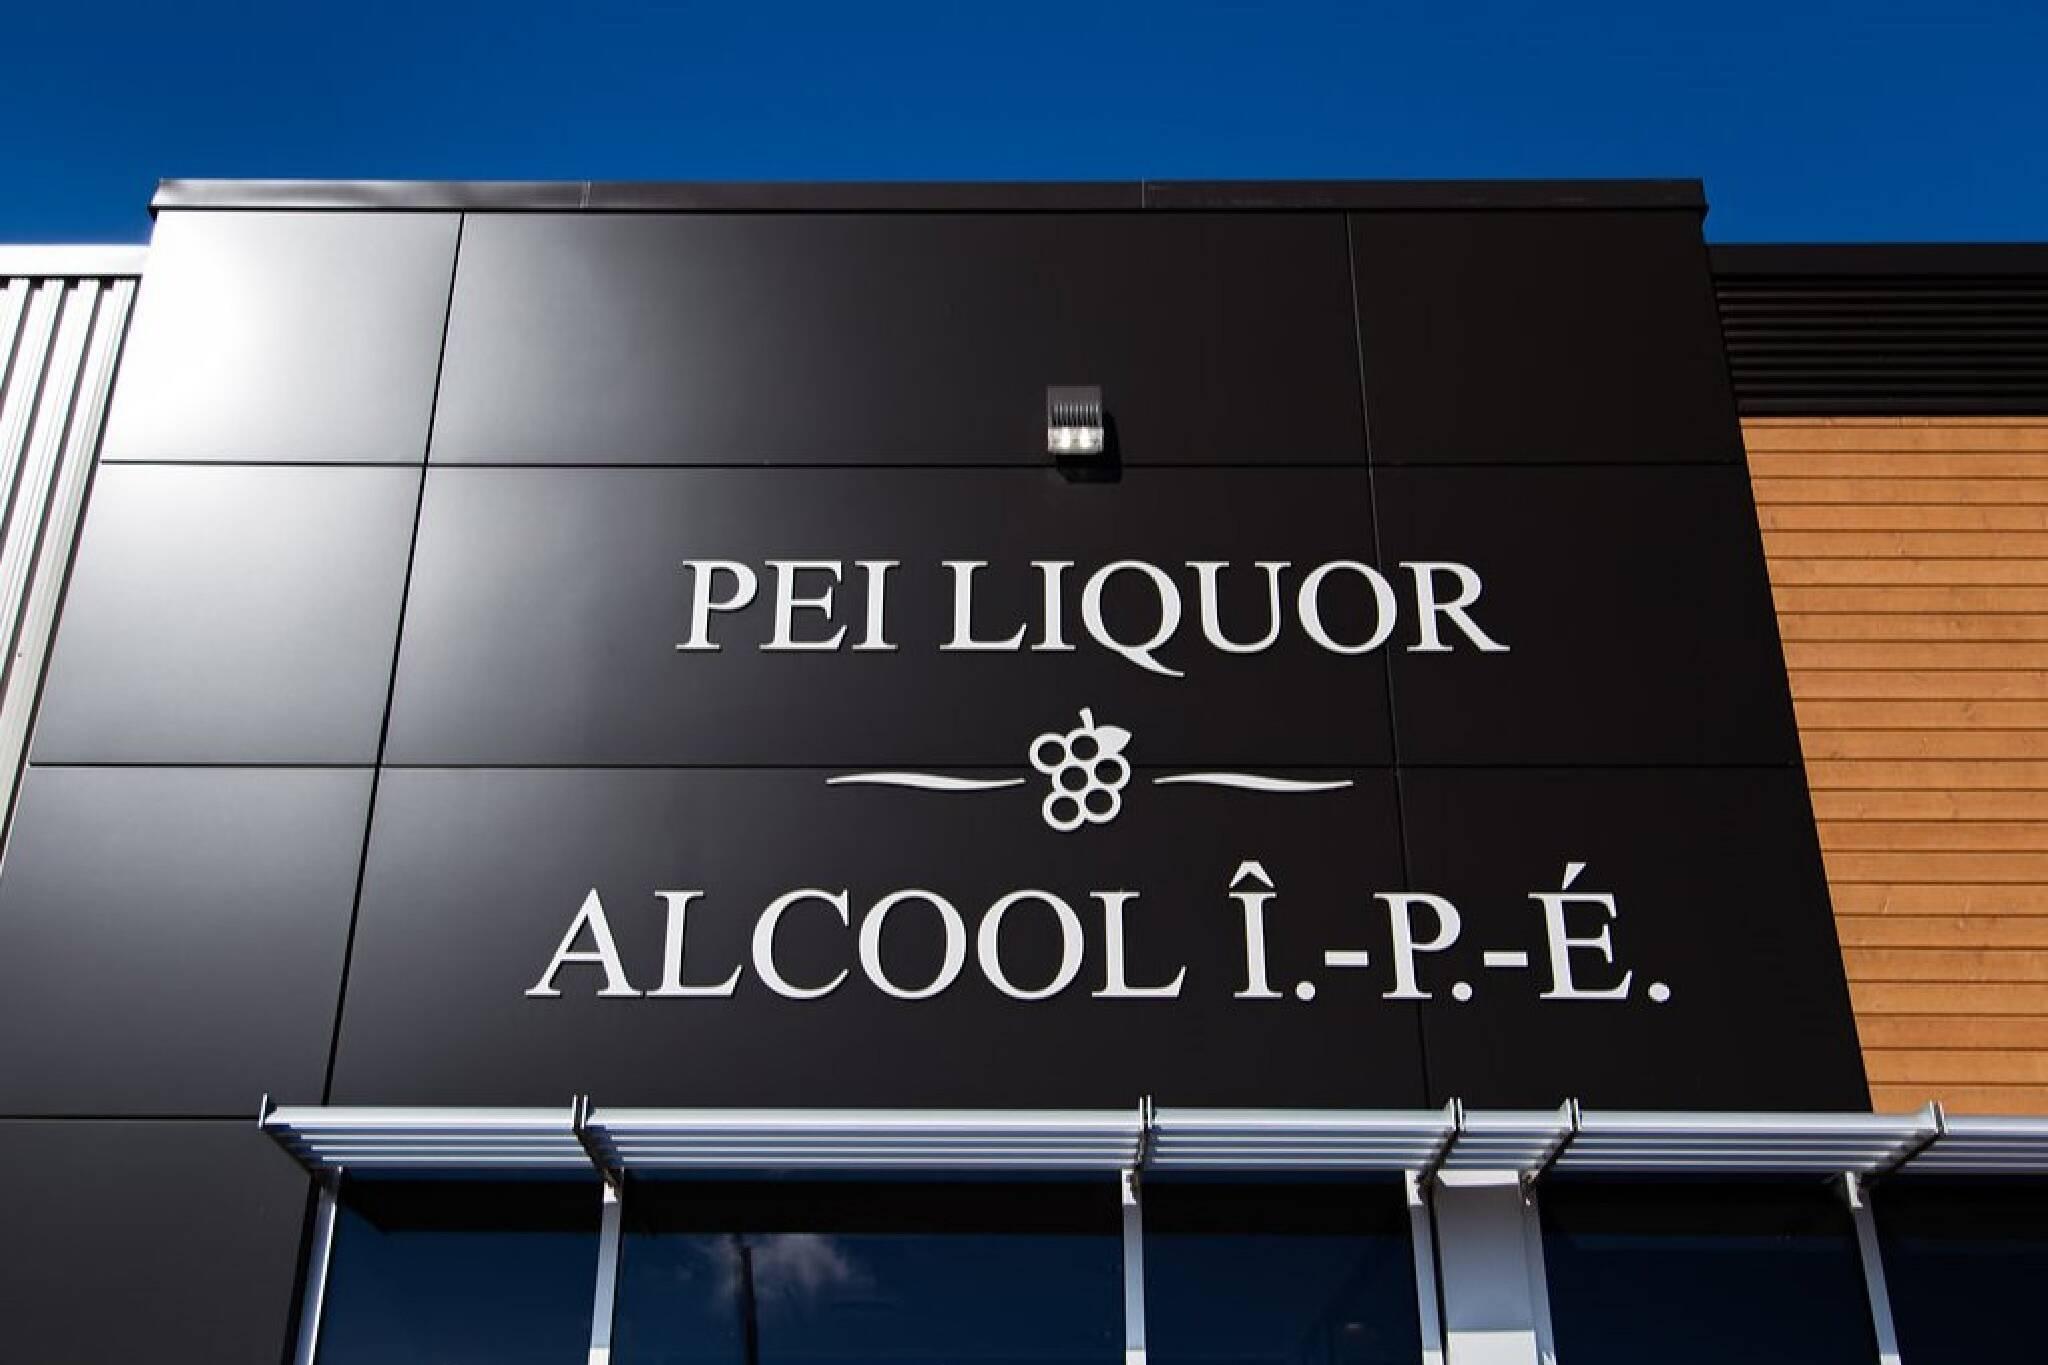 pei liquor stores closing